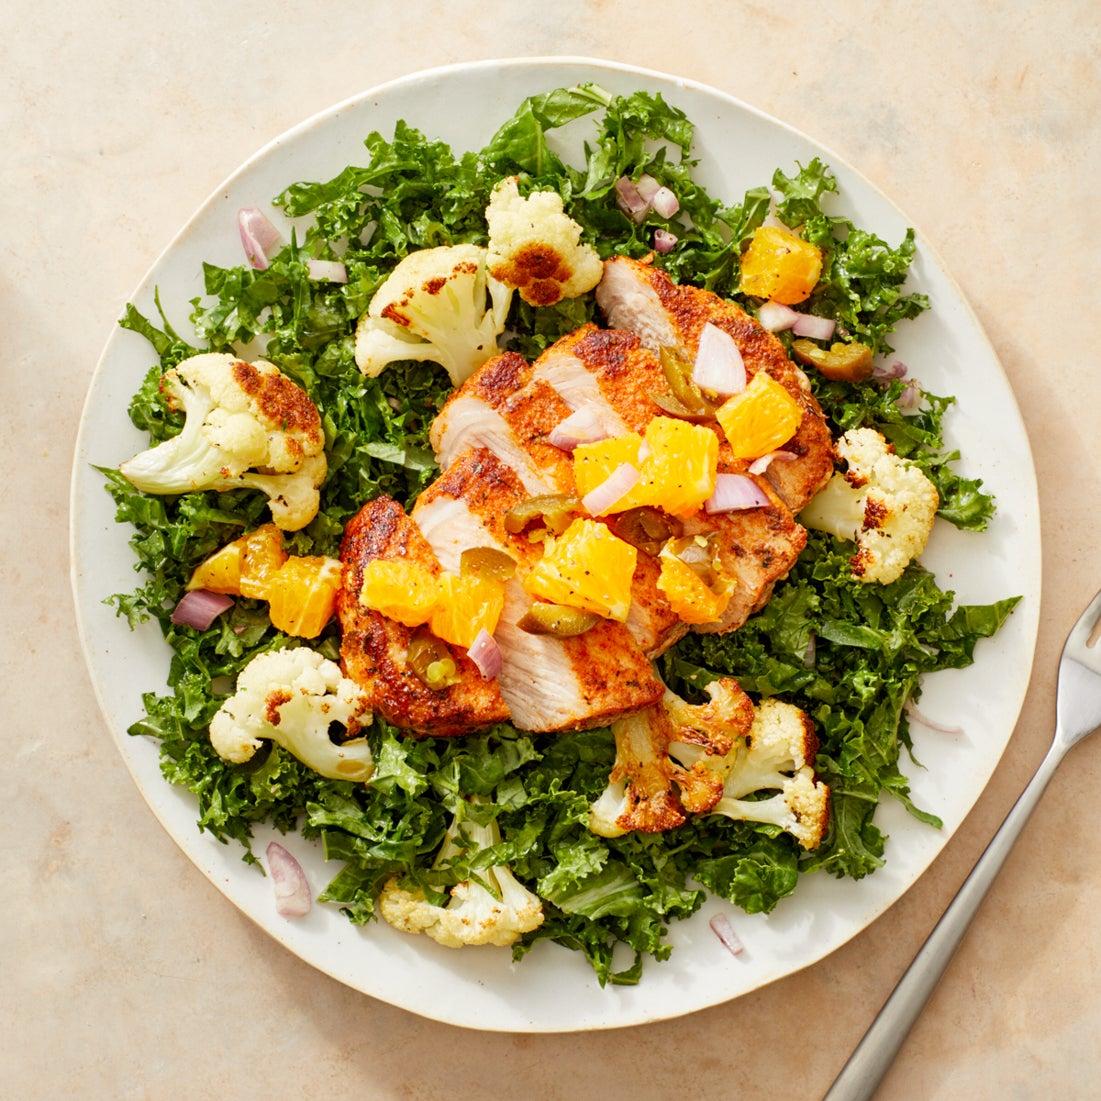 Blackened Pork Chops & Spicy Orange Salsa with Cauliflower & Kale Salad